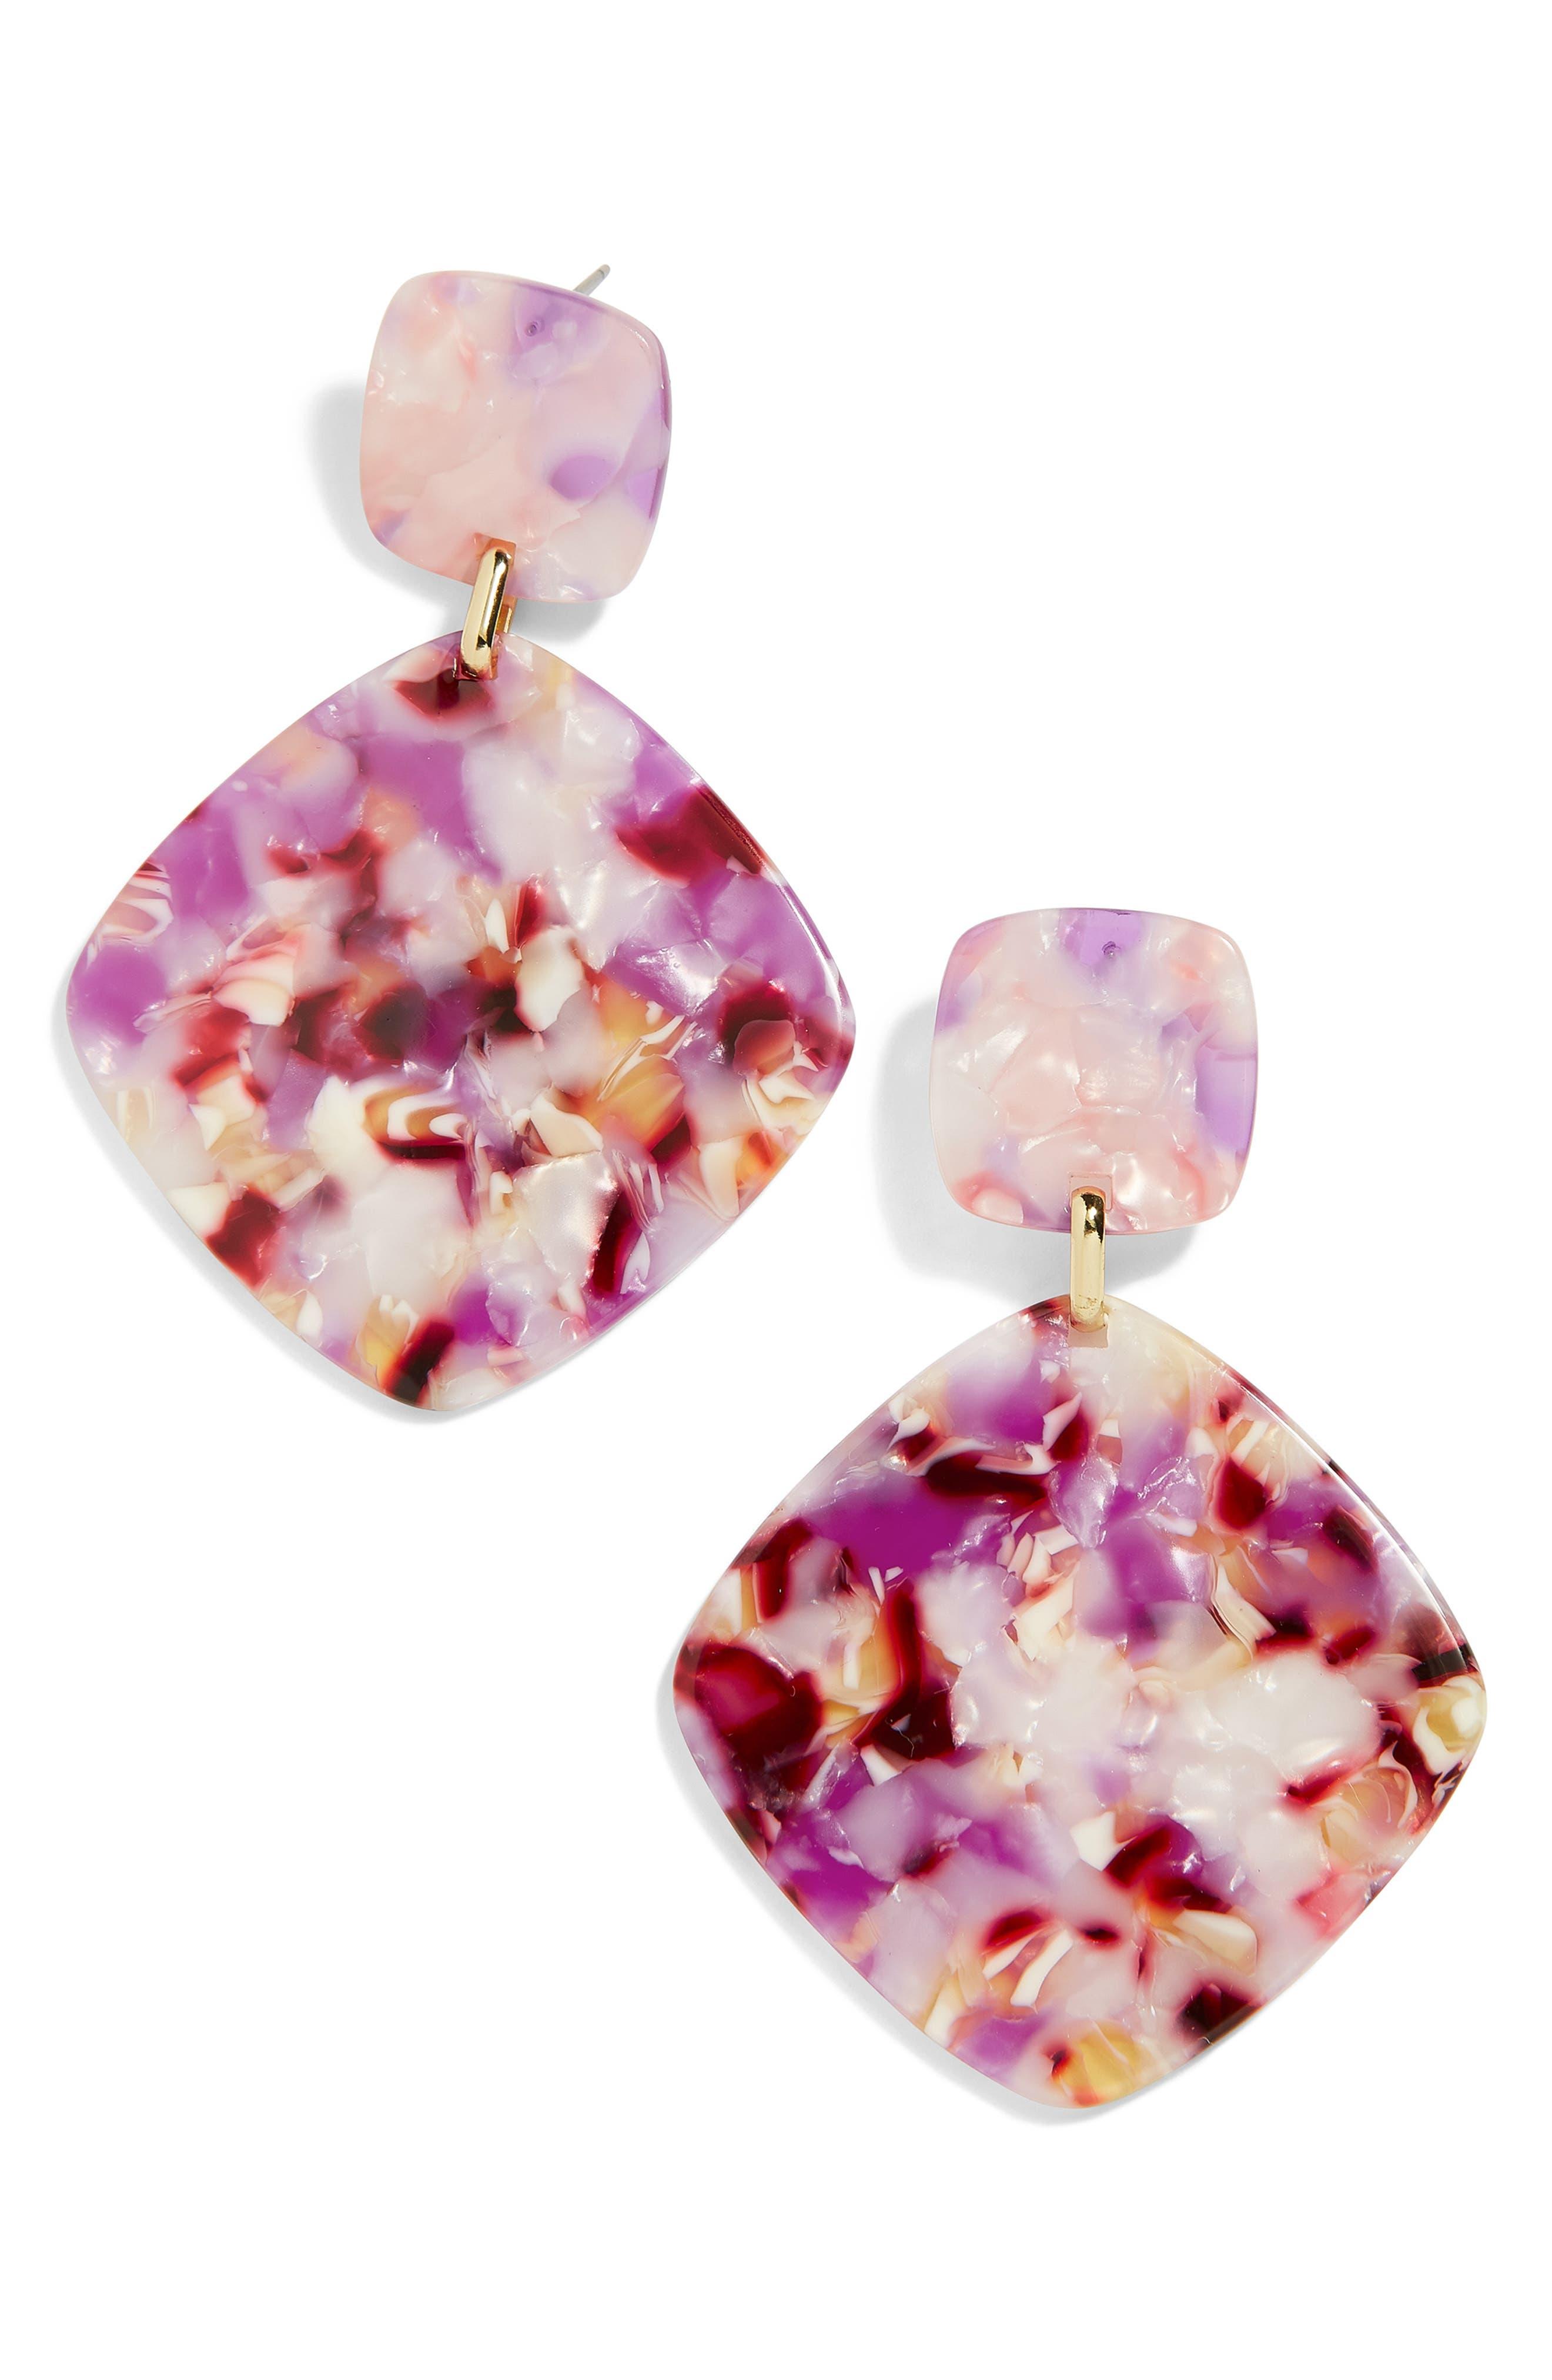 Avida Drop Earrings,                             Main thumbnail 1, color,                             PURPLE